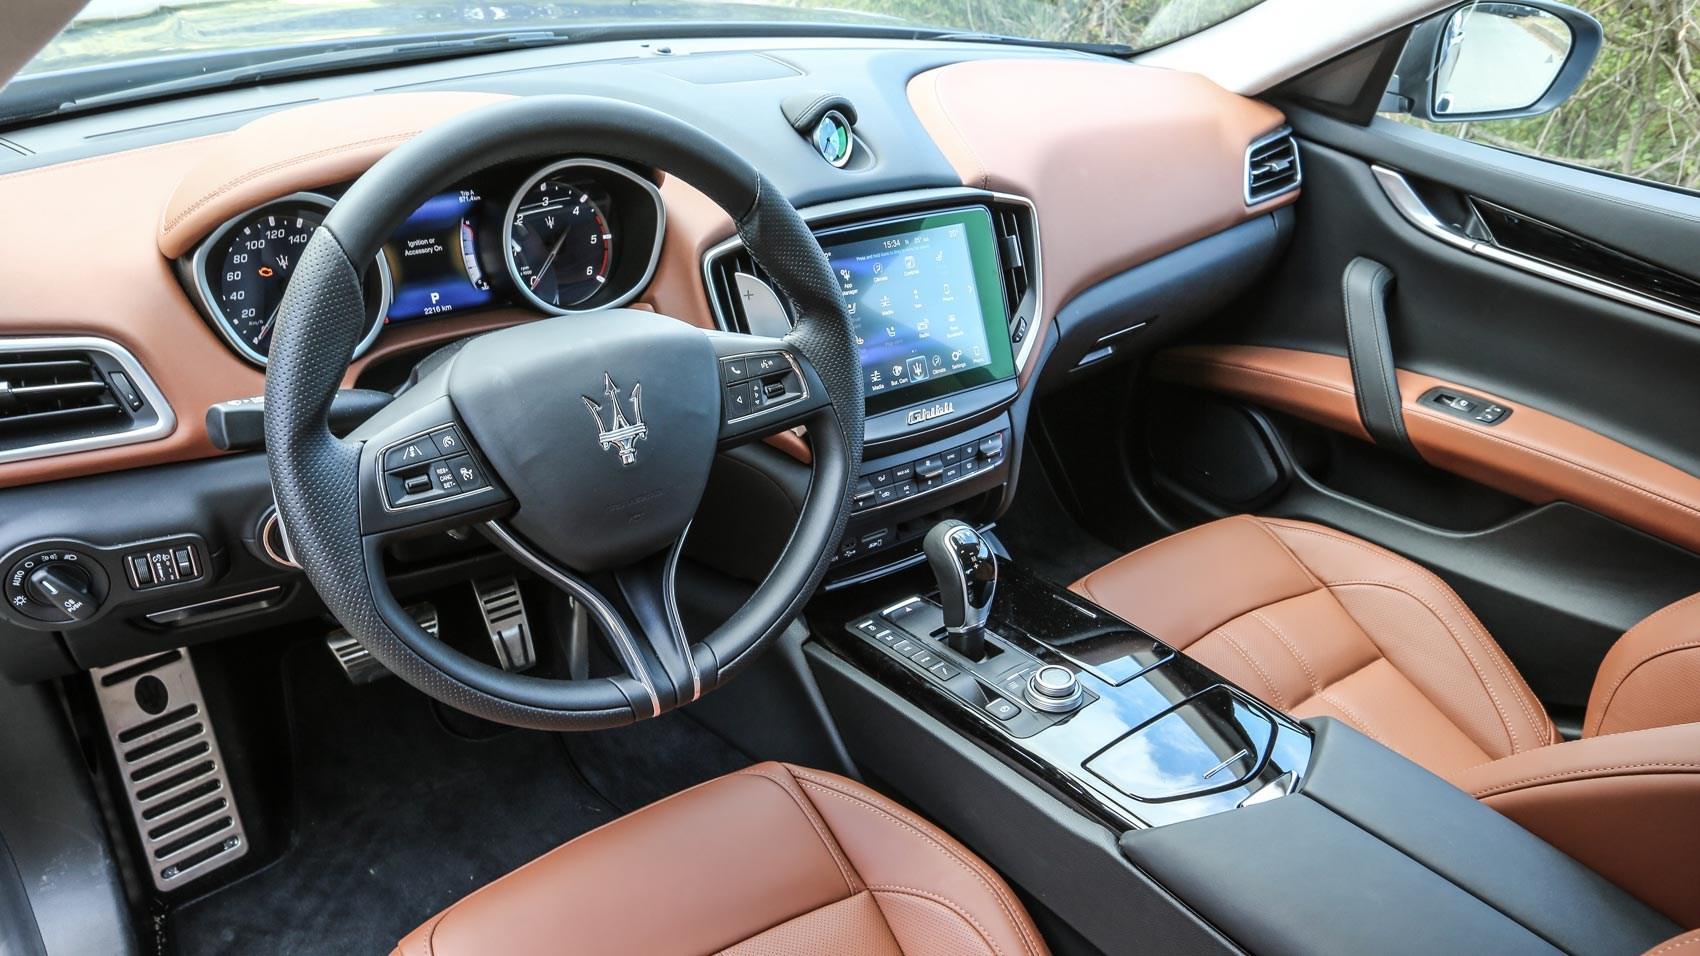 2018 maserati quattroporte interior. plain interior 2016 maserati ghibli diesel inside 2018 maserati quattroporte interior h